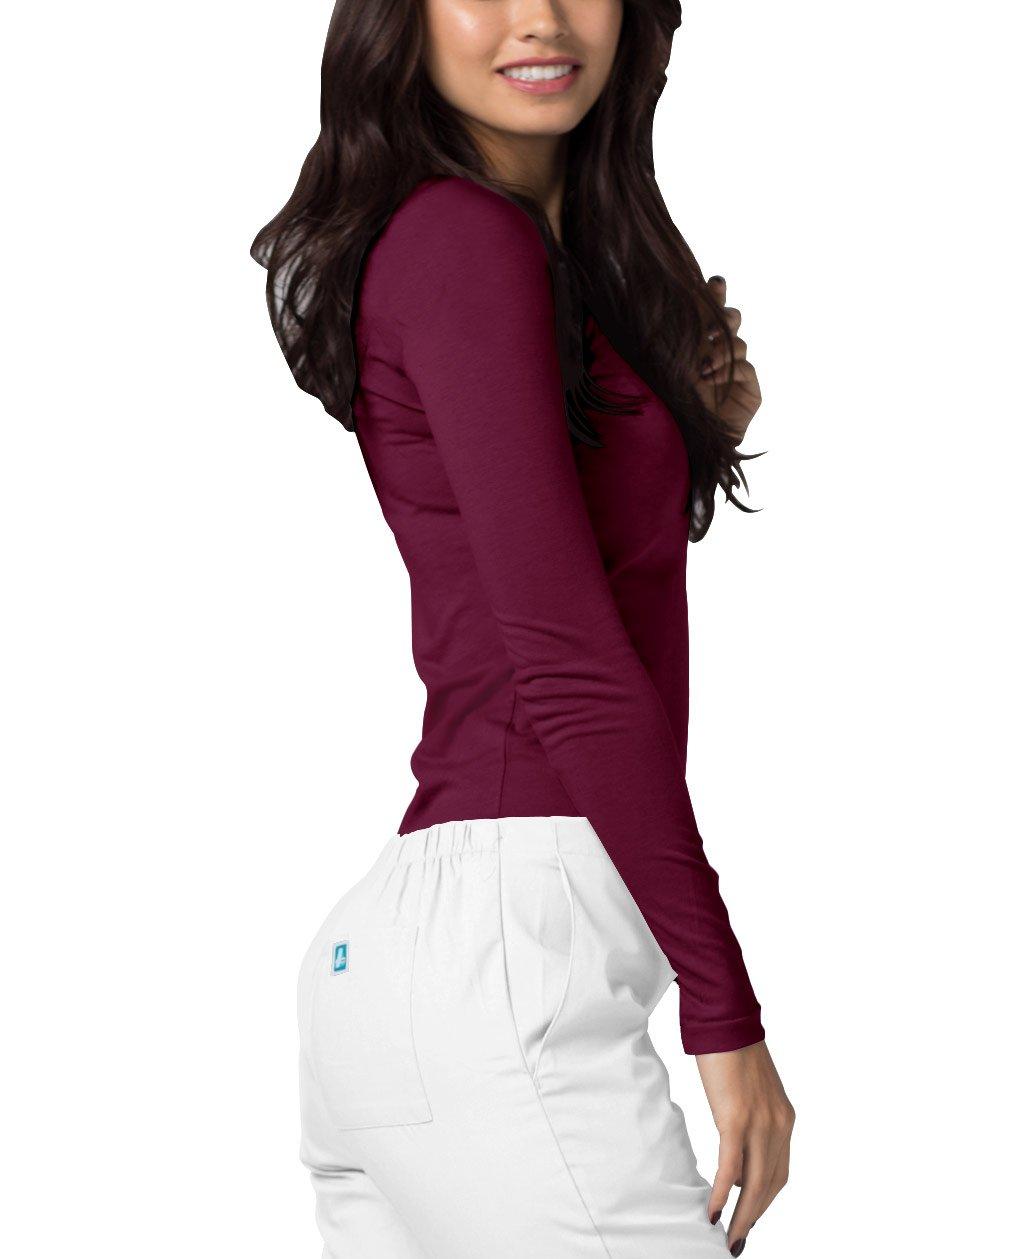 ADAR UNIFORMS Adar Womens Comfort Long Sleeve T-Shirt Underscrub Tee - 2900 - Burgundy - M by ADAR UNIFORMS (Image #3)